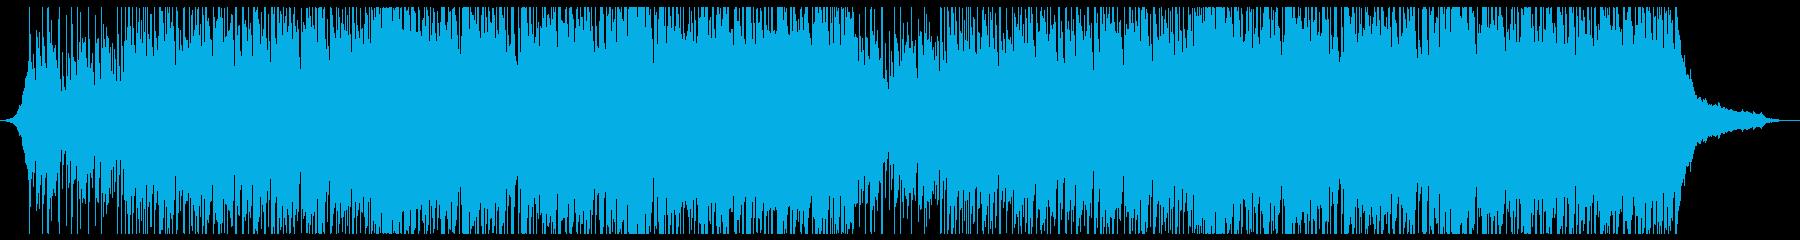 アコギの刻みが心地良い軽快ソフトロックの再生済みの波形